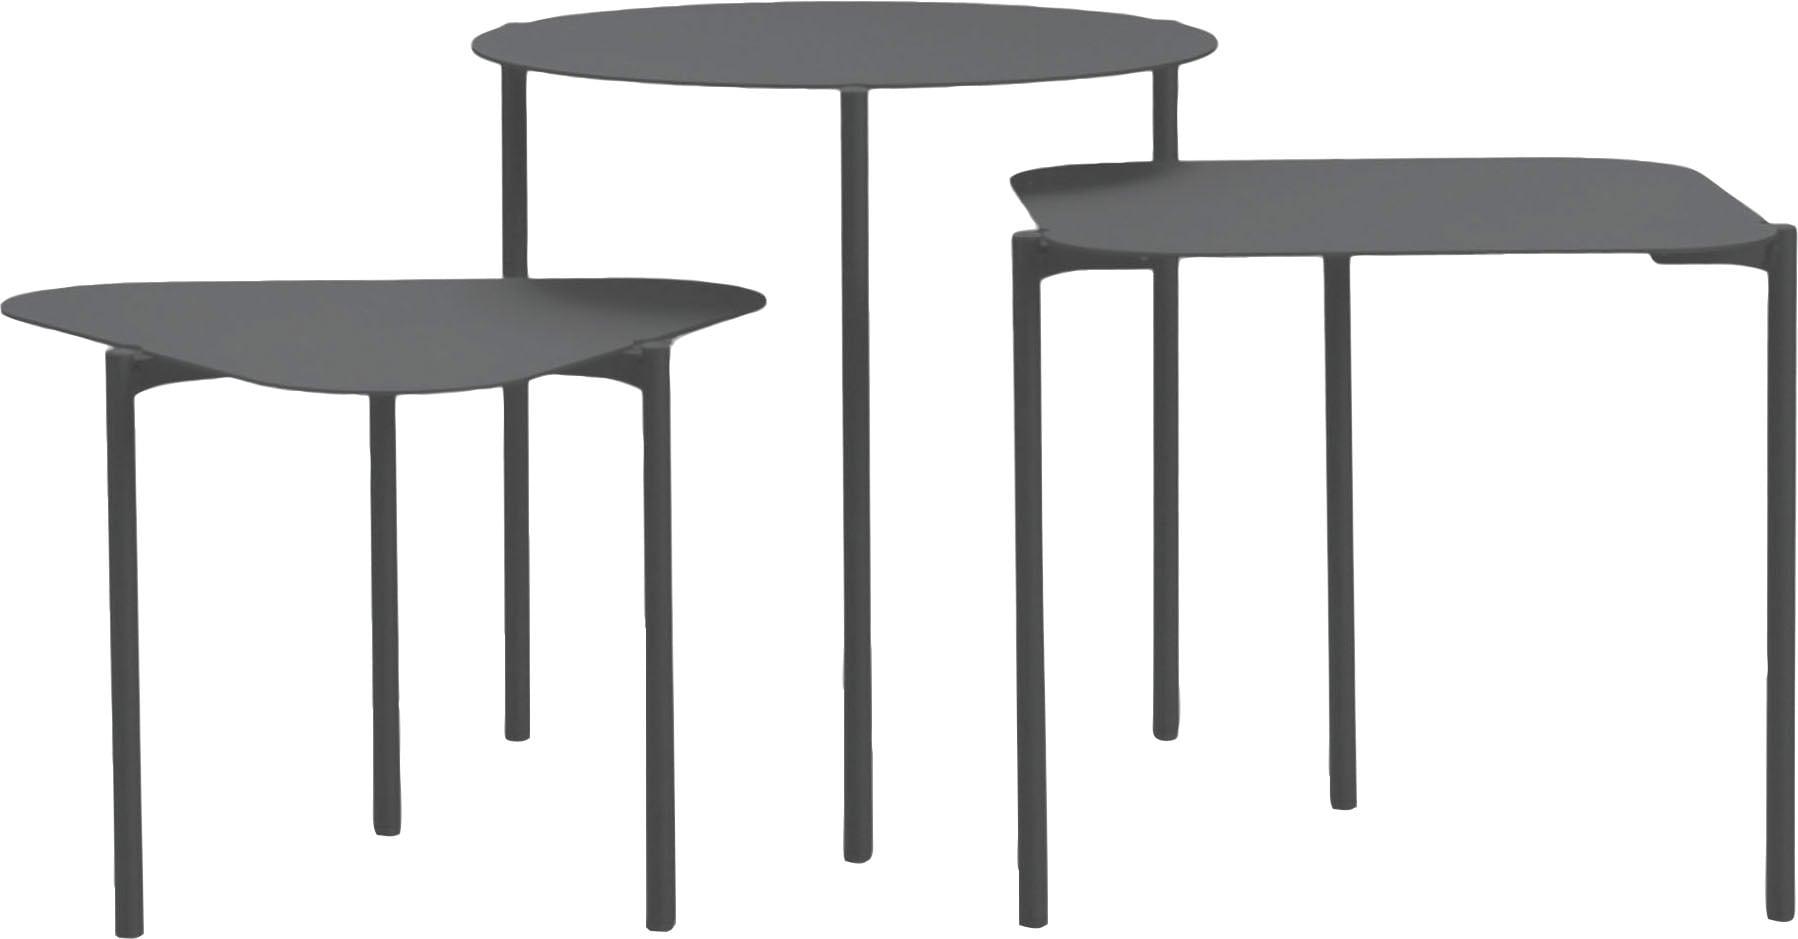 Spinder Design Beistelltisch Doremi, 3er-Set grau Beistelltische Tische